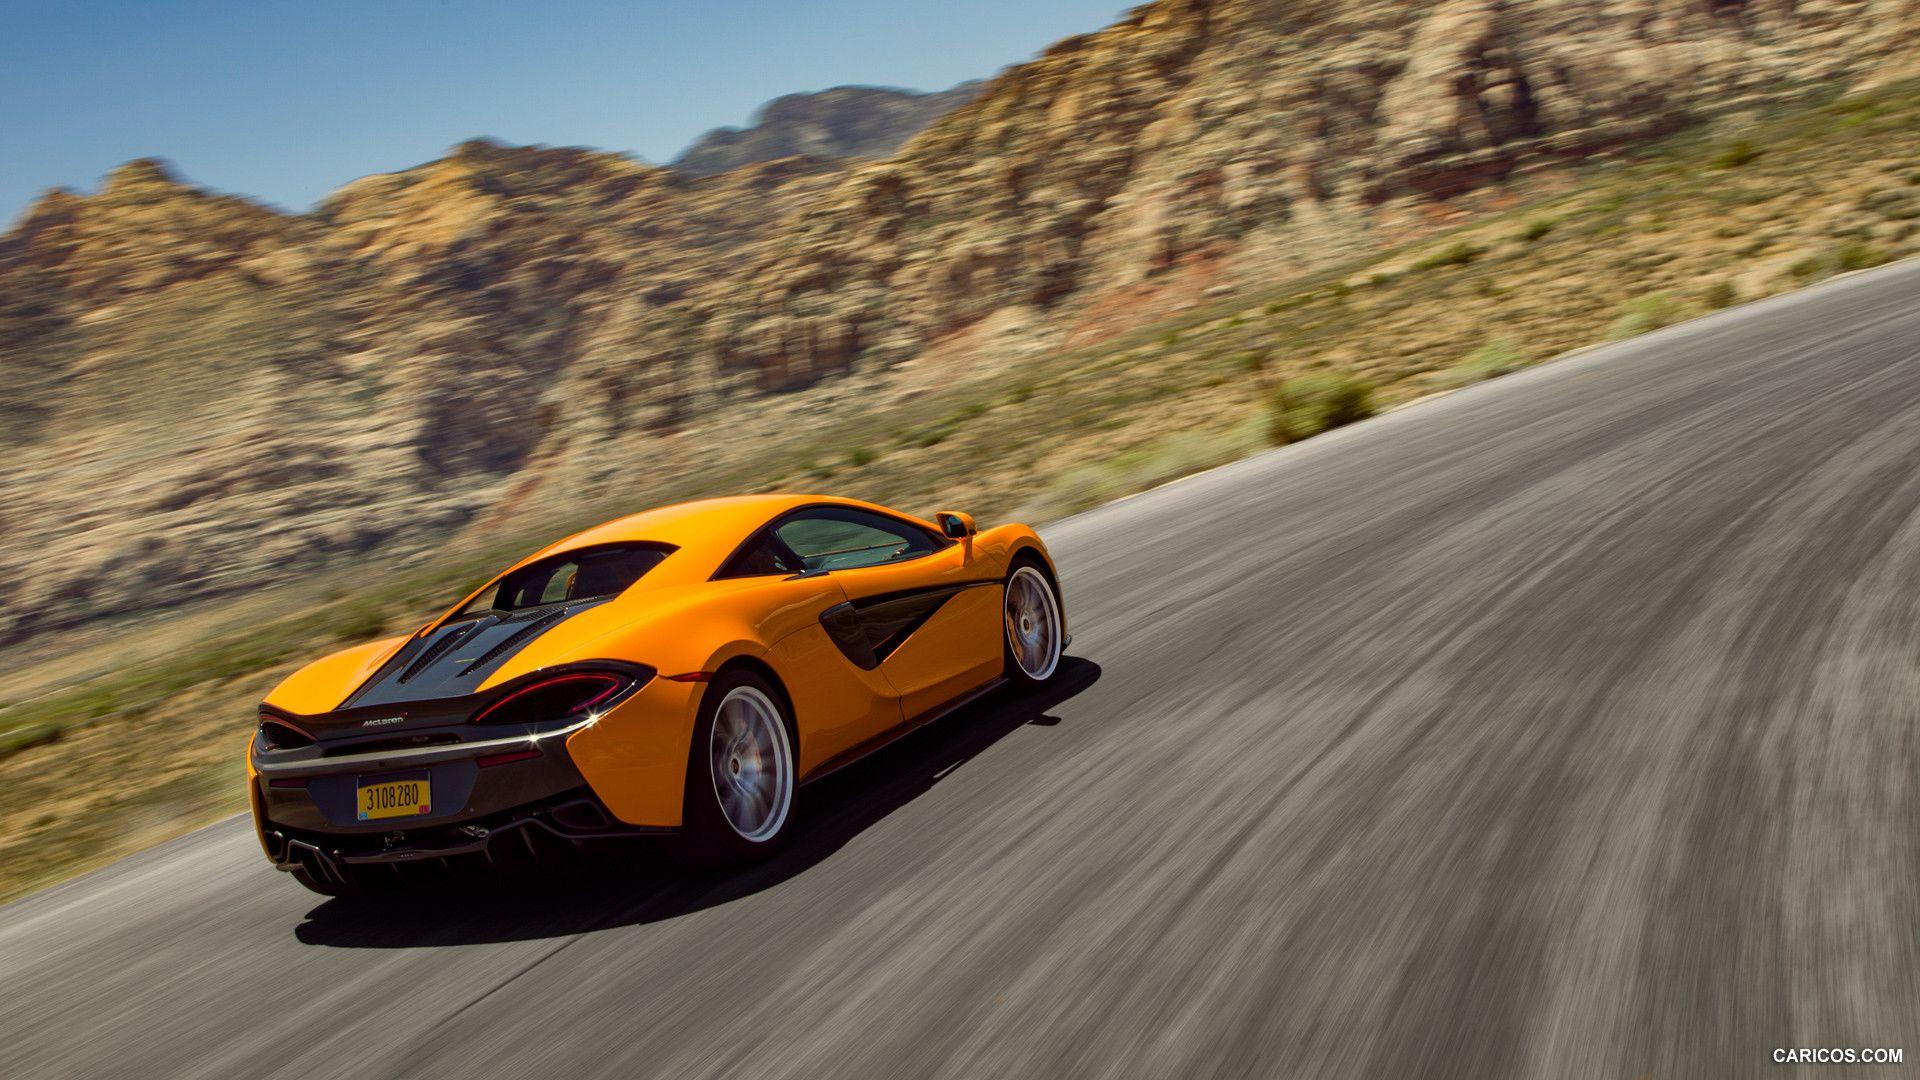 Mclaren 570S Car Wallpapers Free download latest Mclaren